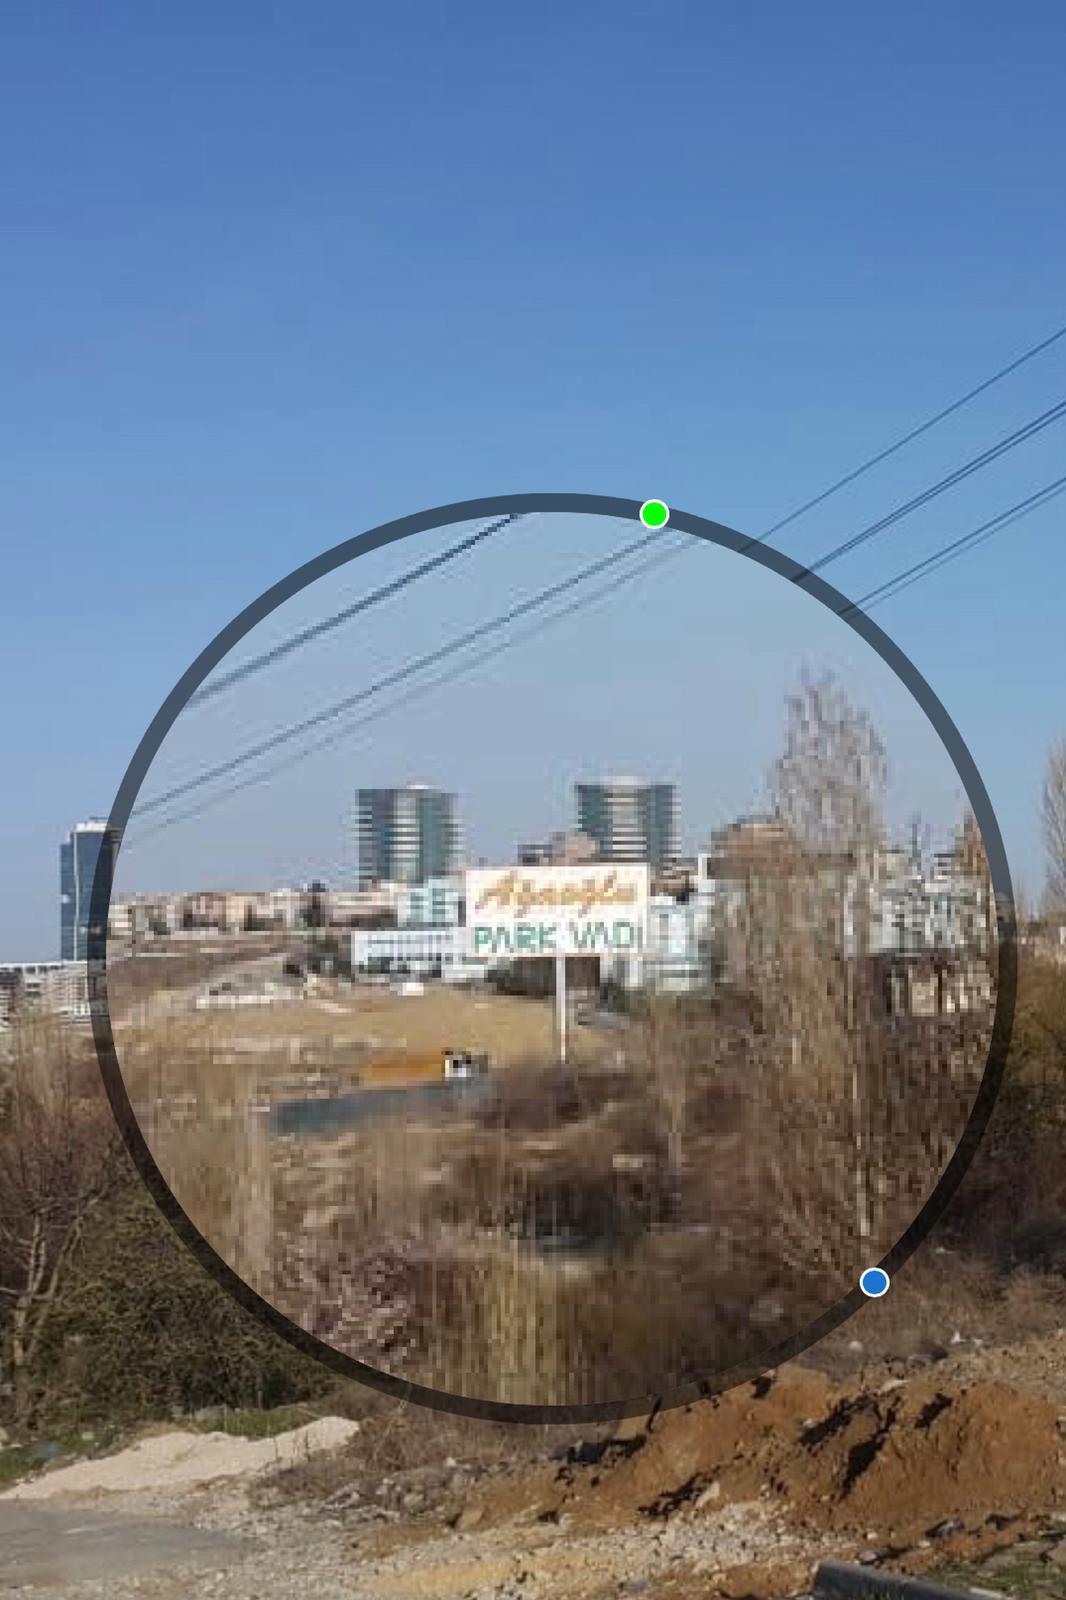 whatsapp-image-2020-03-30-at-12-30-38.jpeg